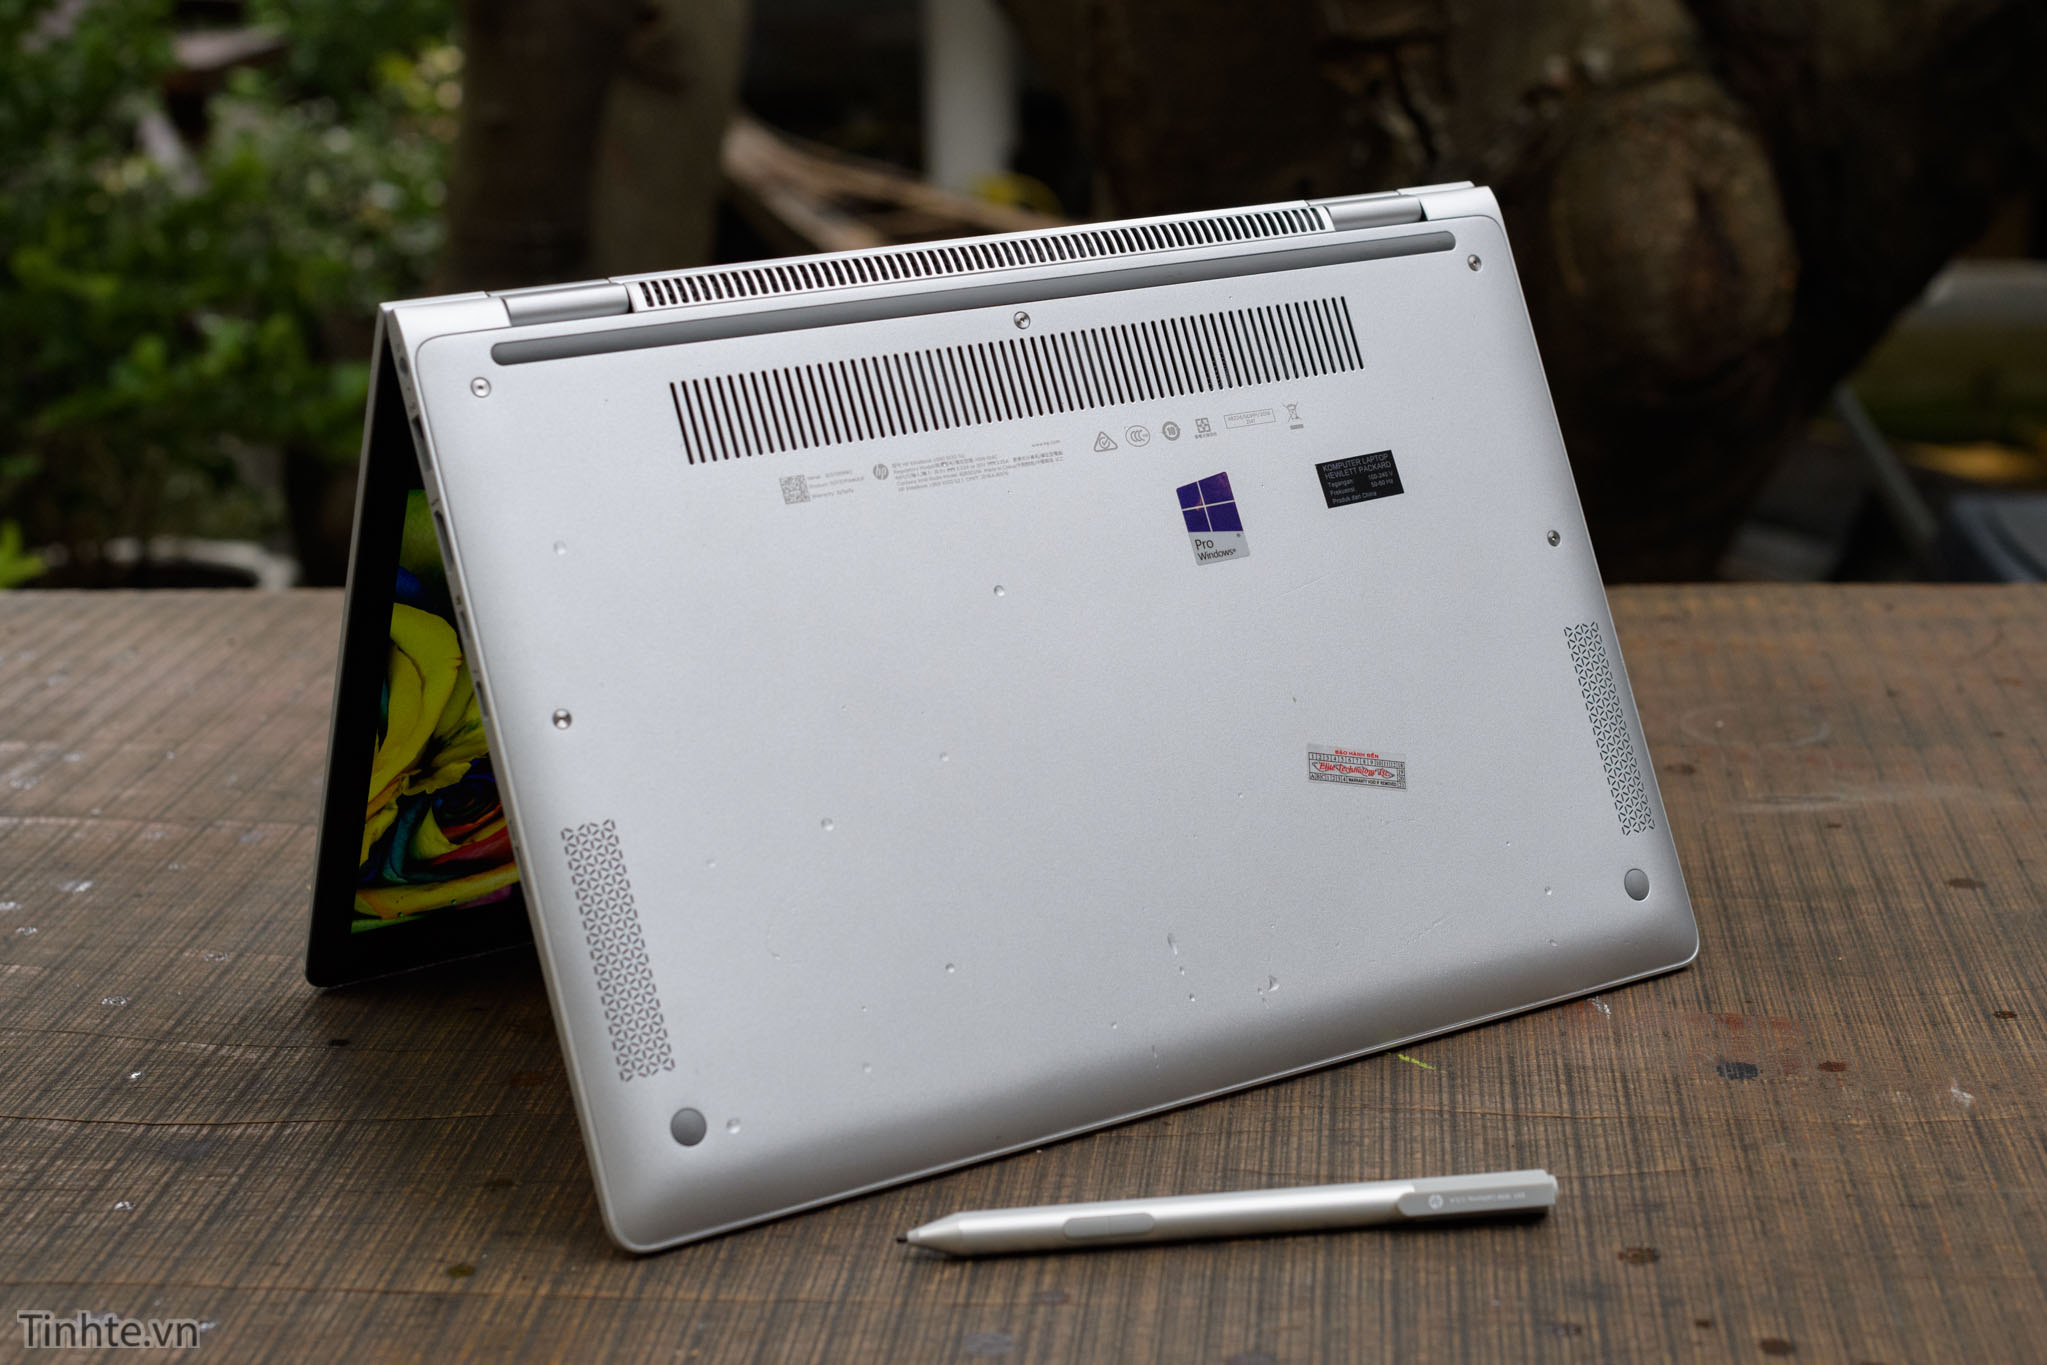 HP EliteBook_tinhte.vn 8.jpg